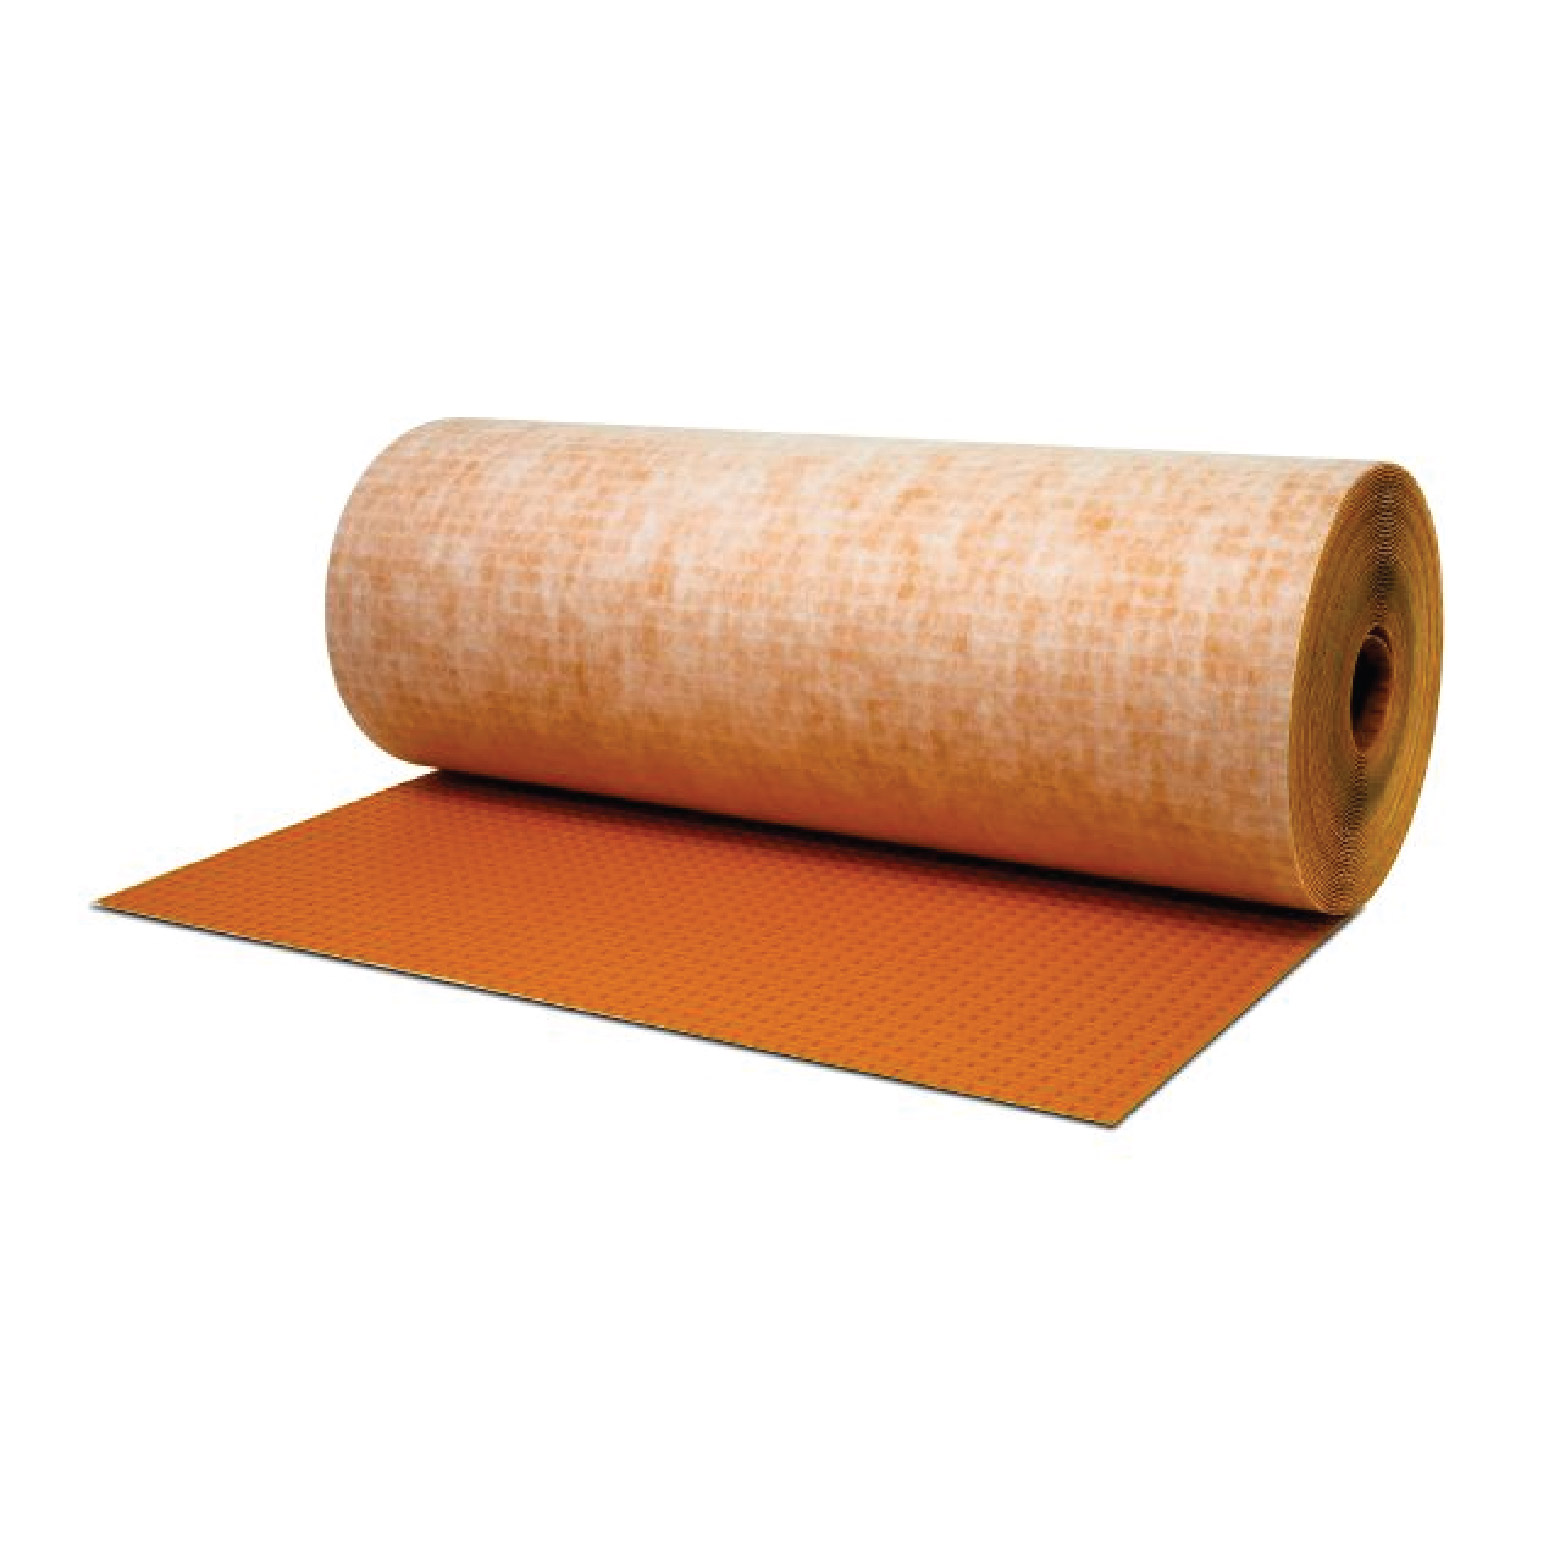 Schluter Ditra Waterproof Membrane 1 8 Quot Underlayment 323